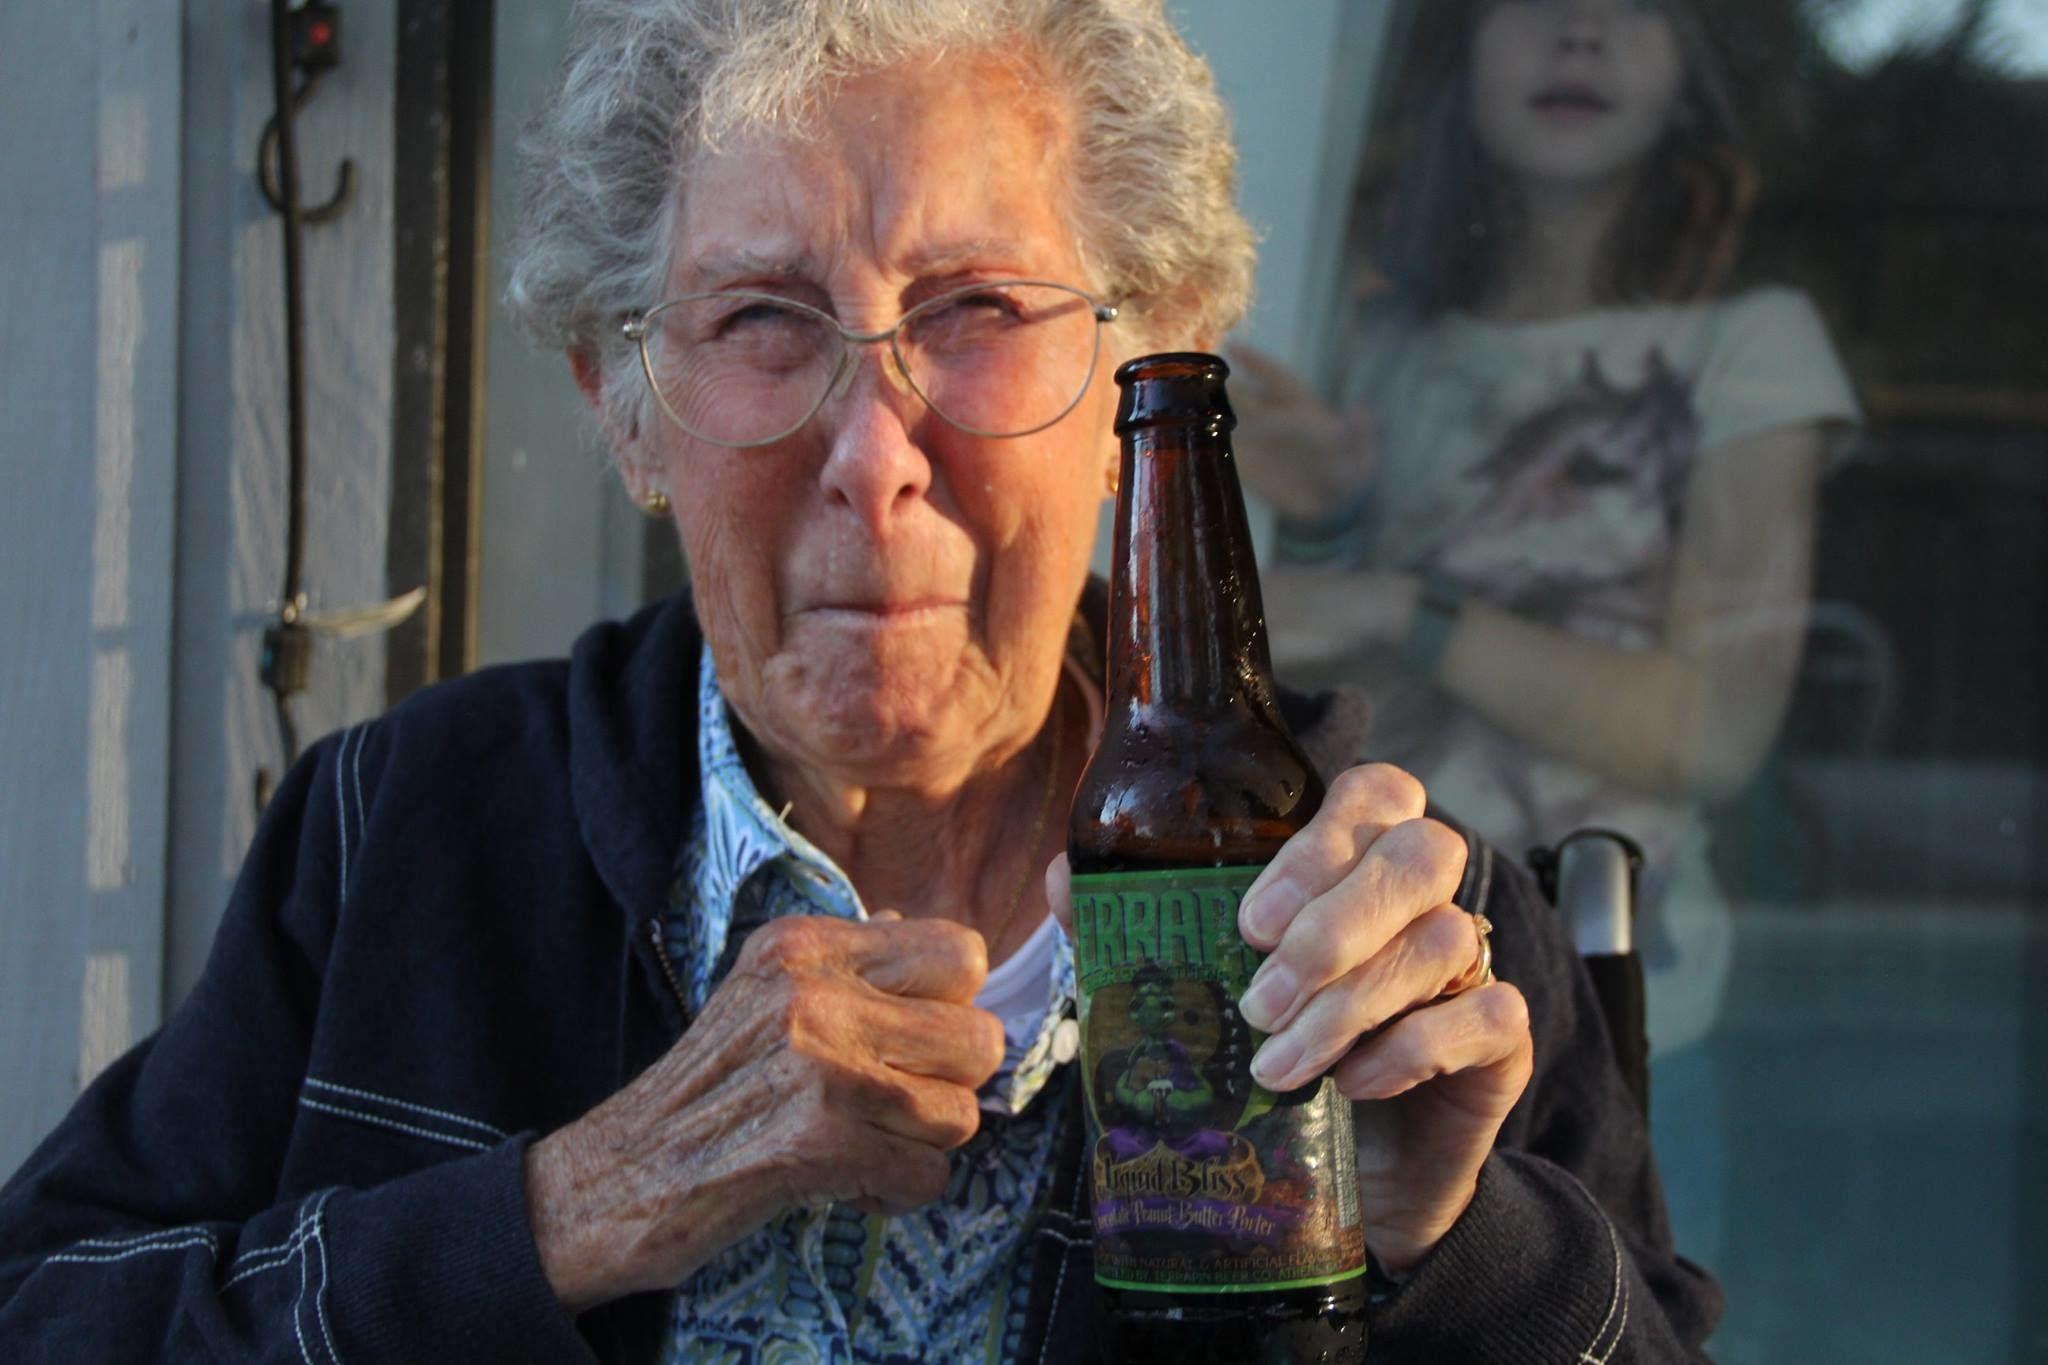 がん治療の道を選ばず「自由の旅」に出た、90歳のおばあちゃん